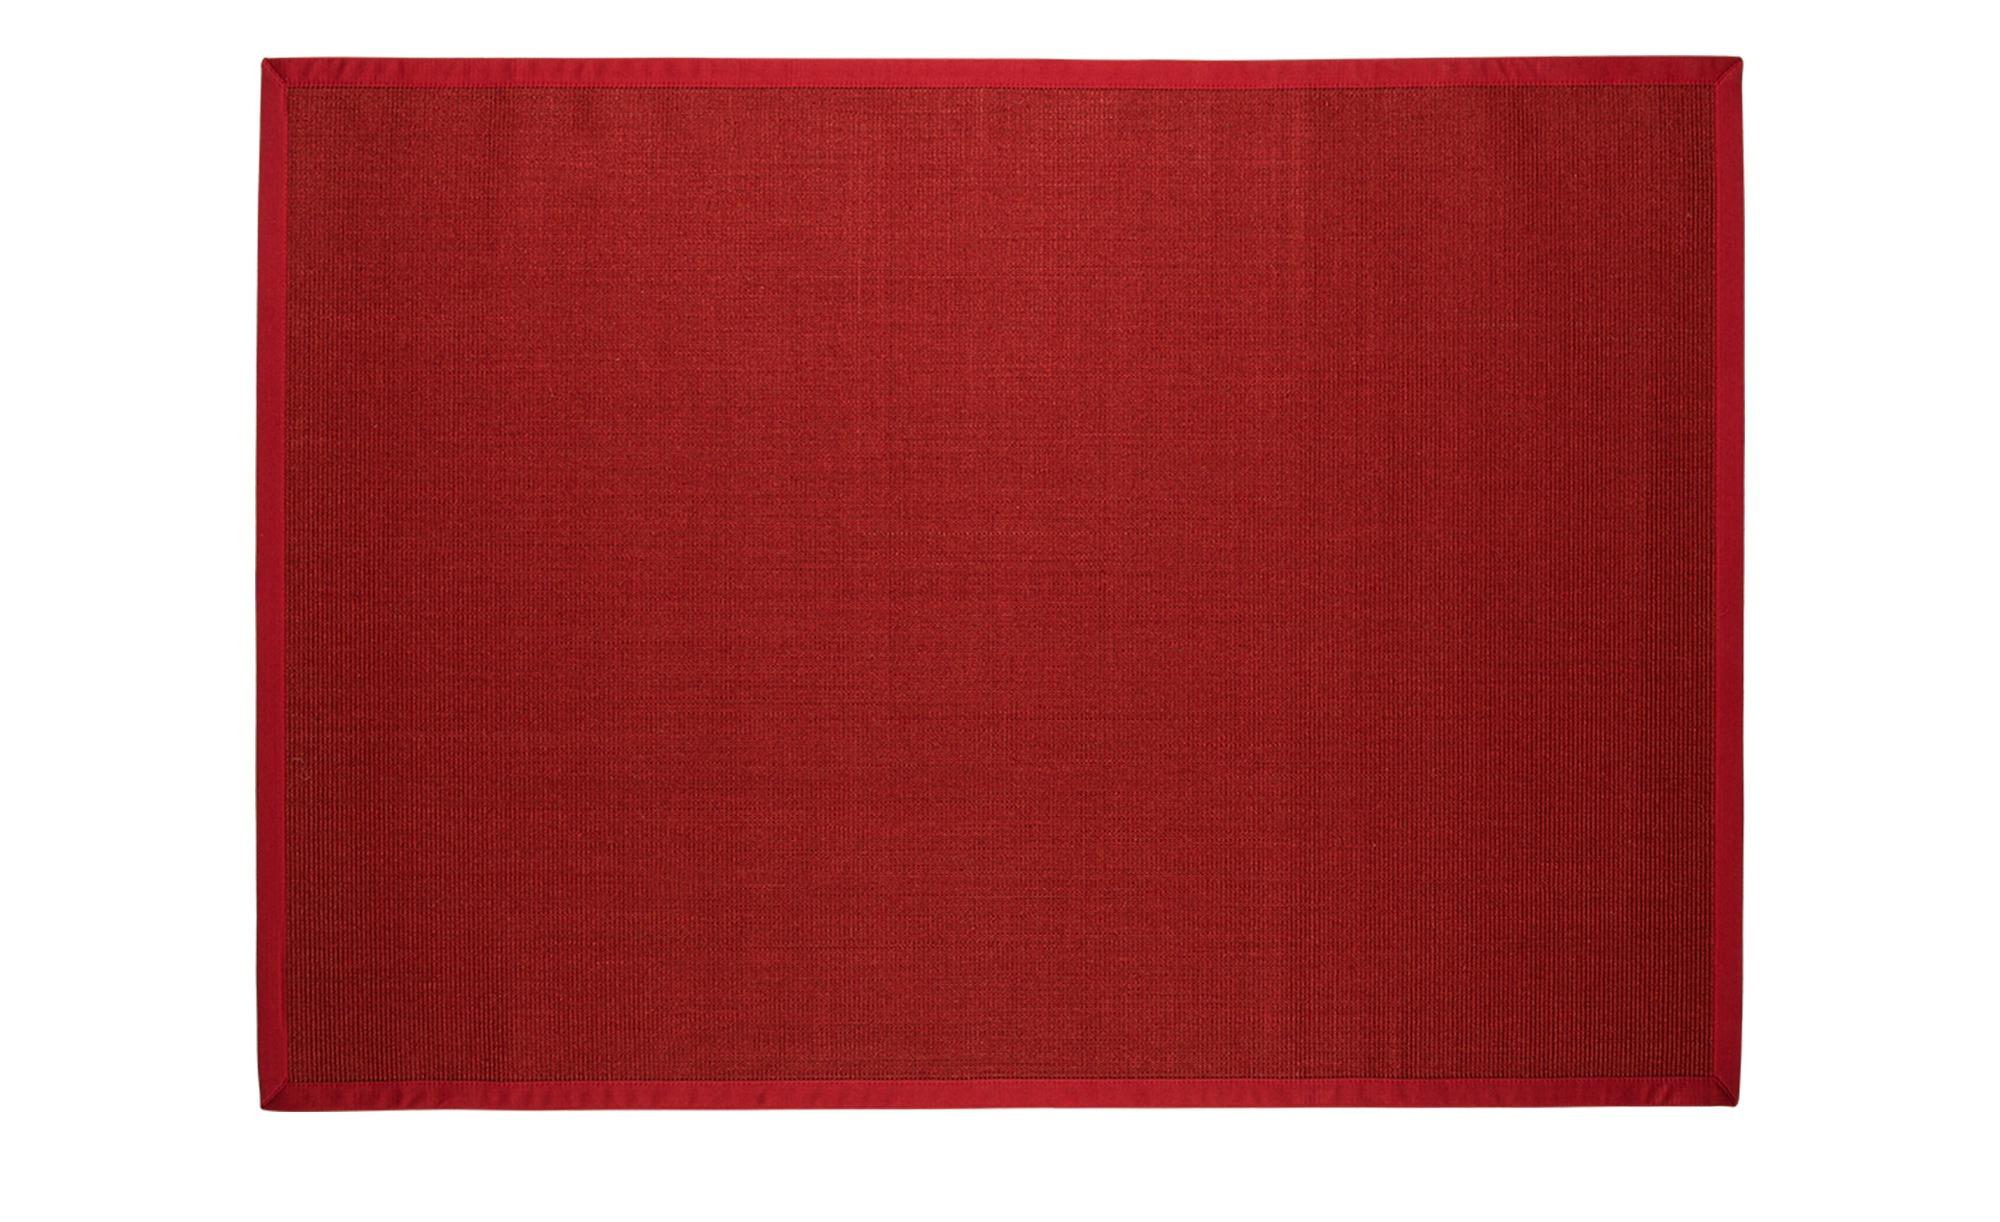 Sisal-Teppich  Manaus ¦ rot ¦ 100 % Sisal, Sisal ¦ Maße (cm): B: 140 Teppiche > Wohnteppiche - Höffner